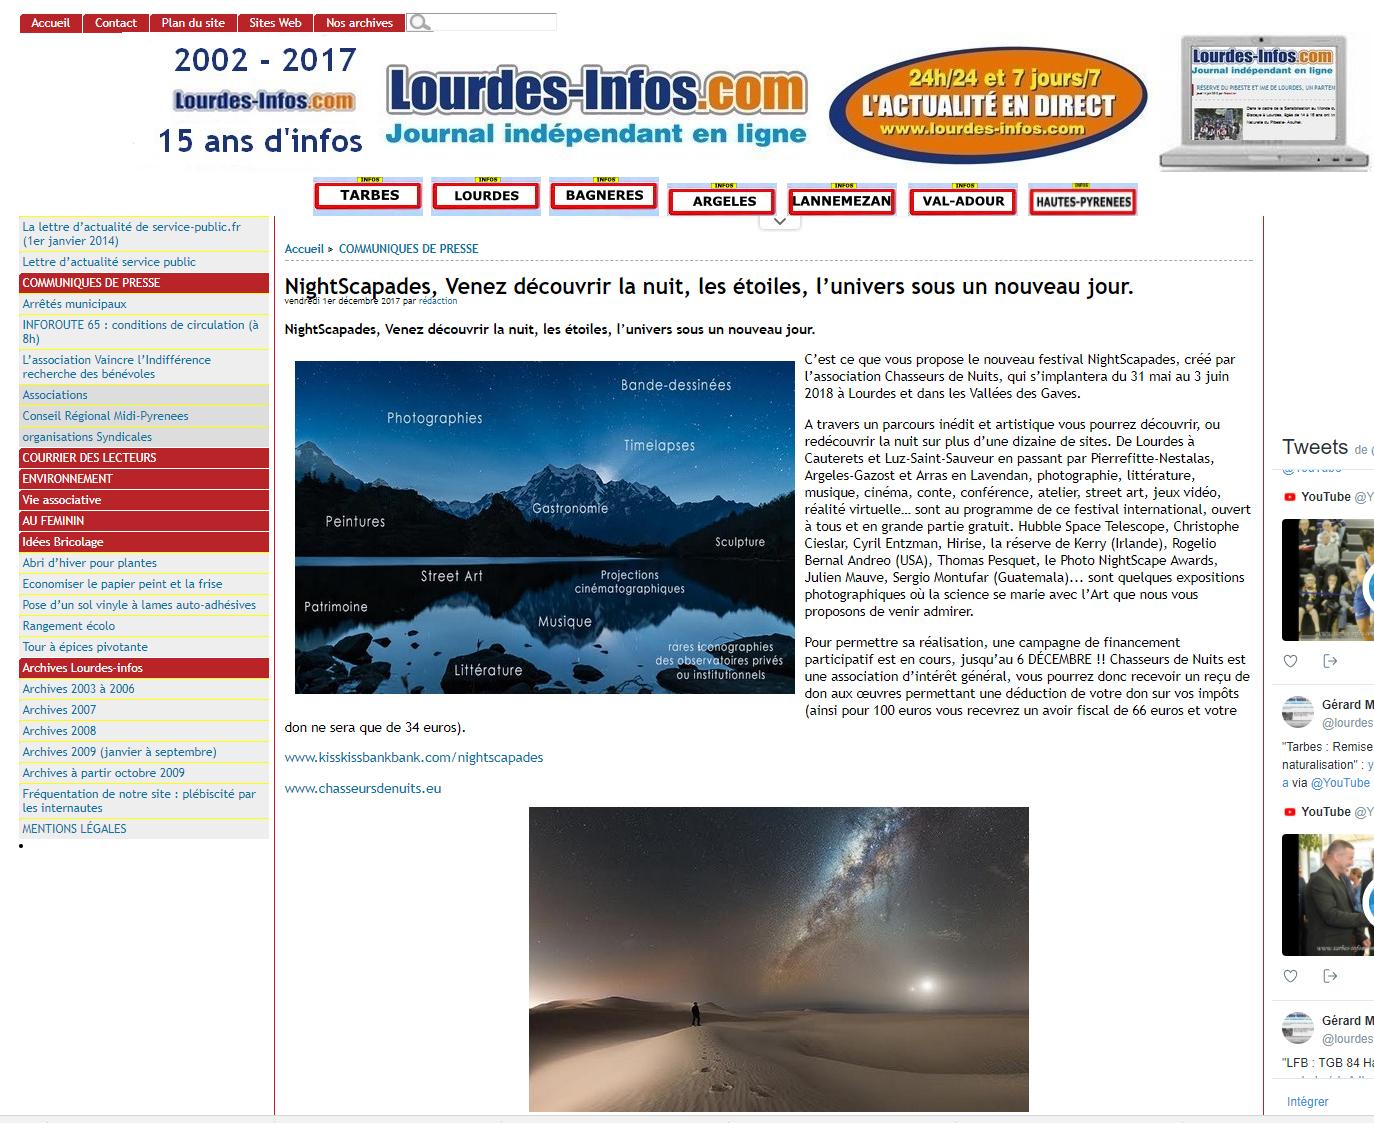 Lourdes Info